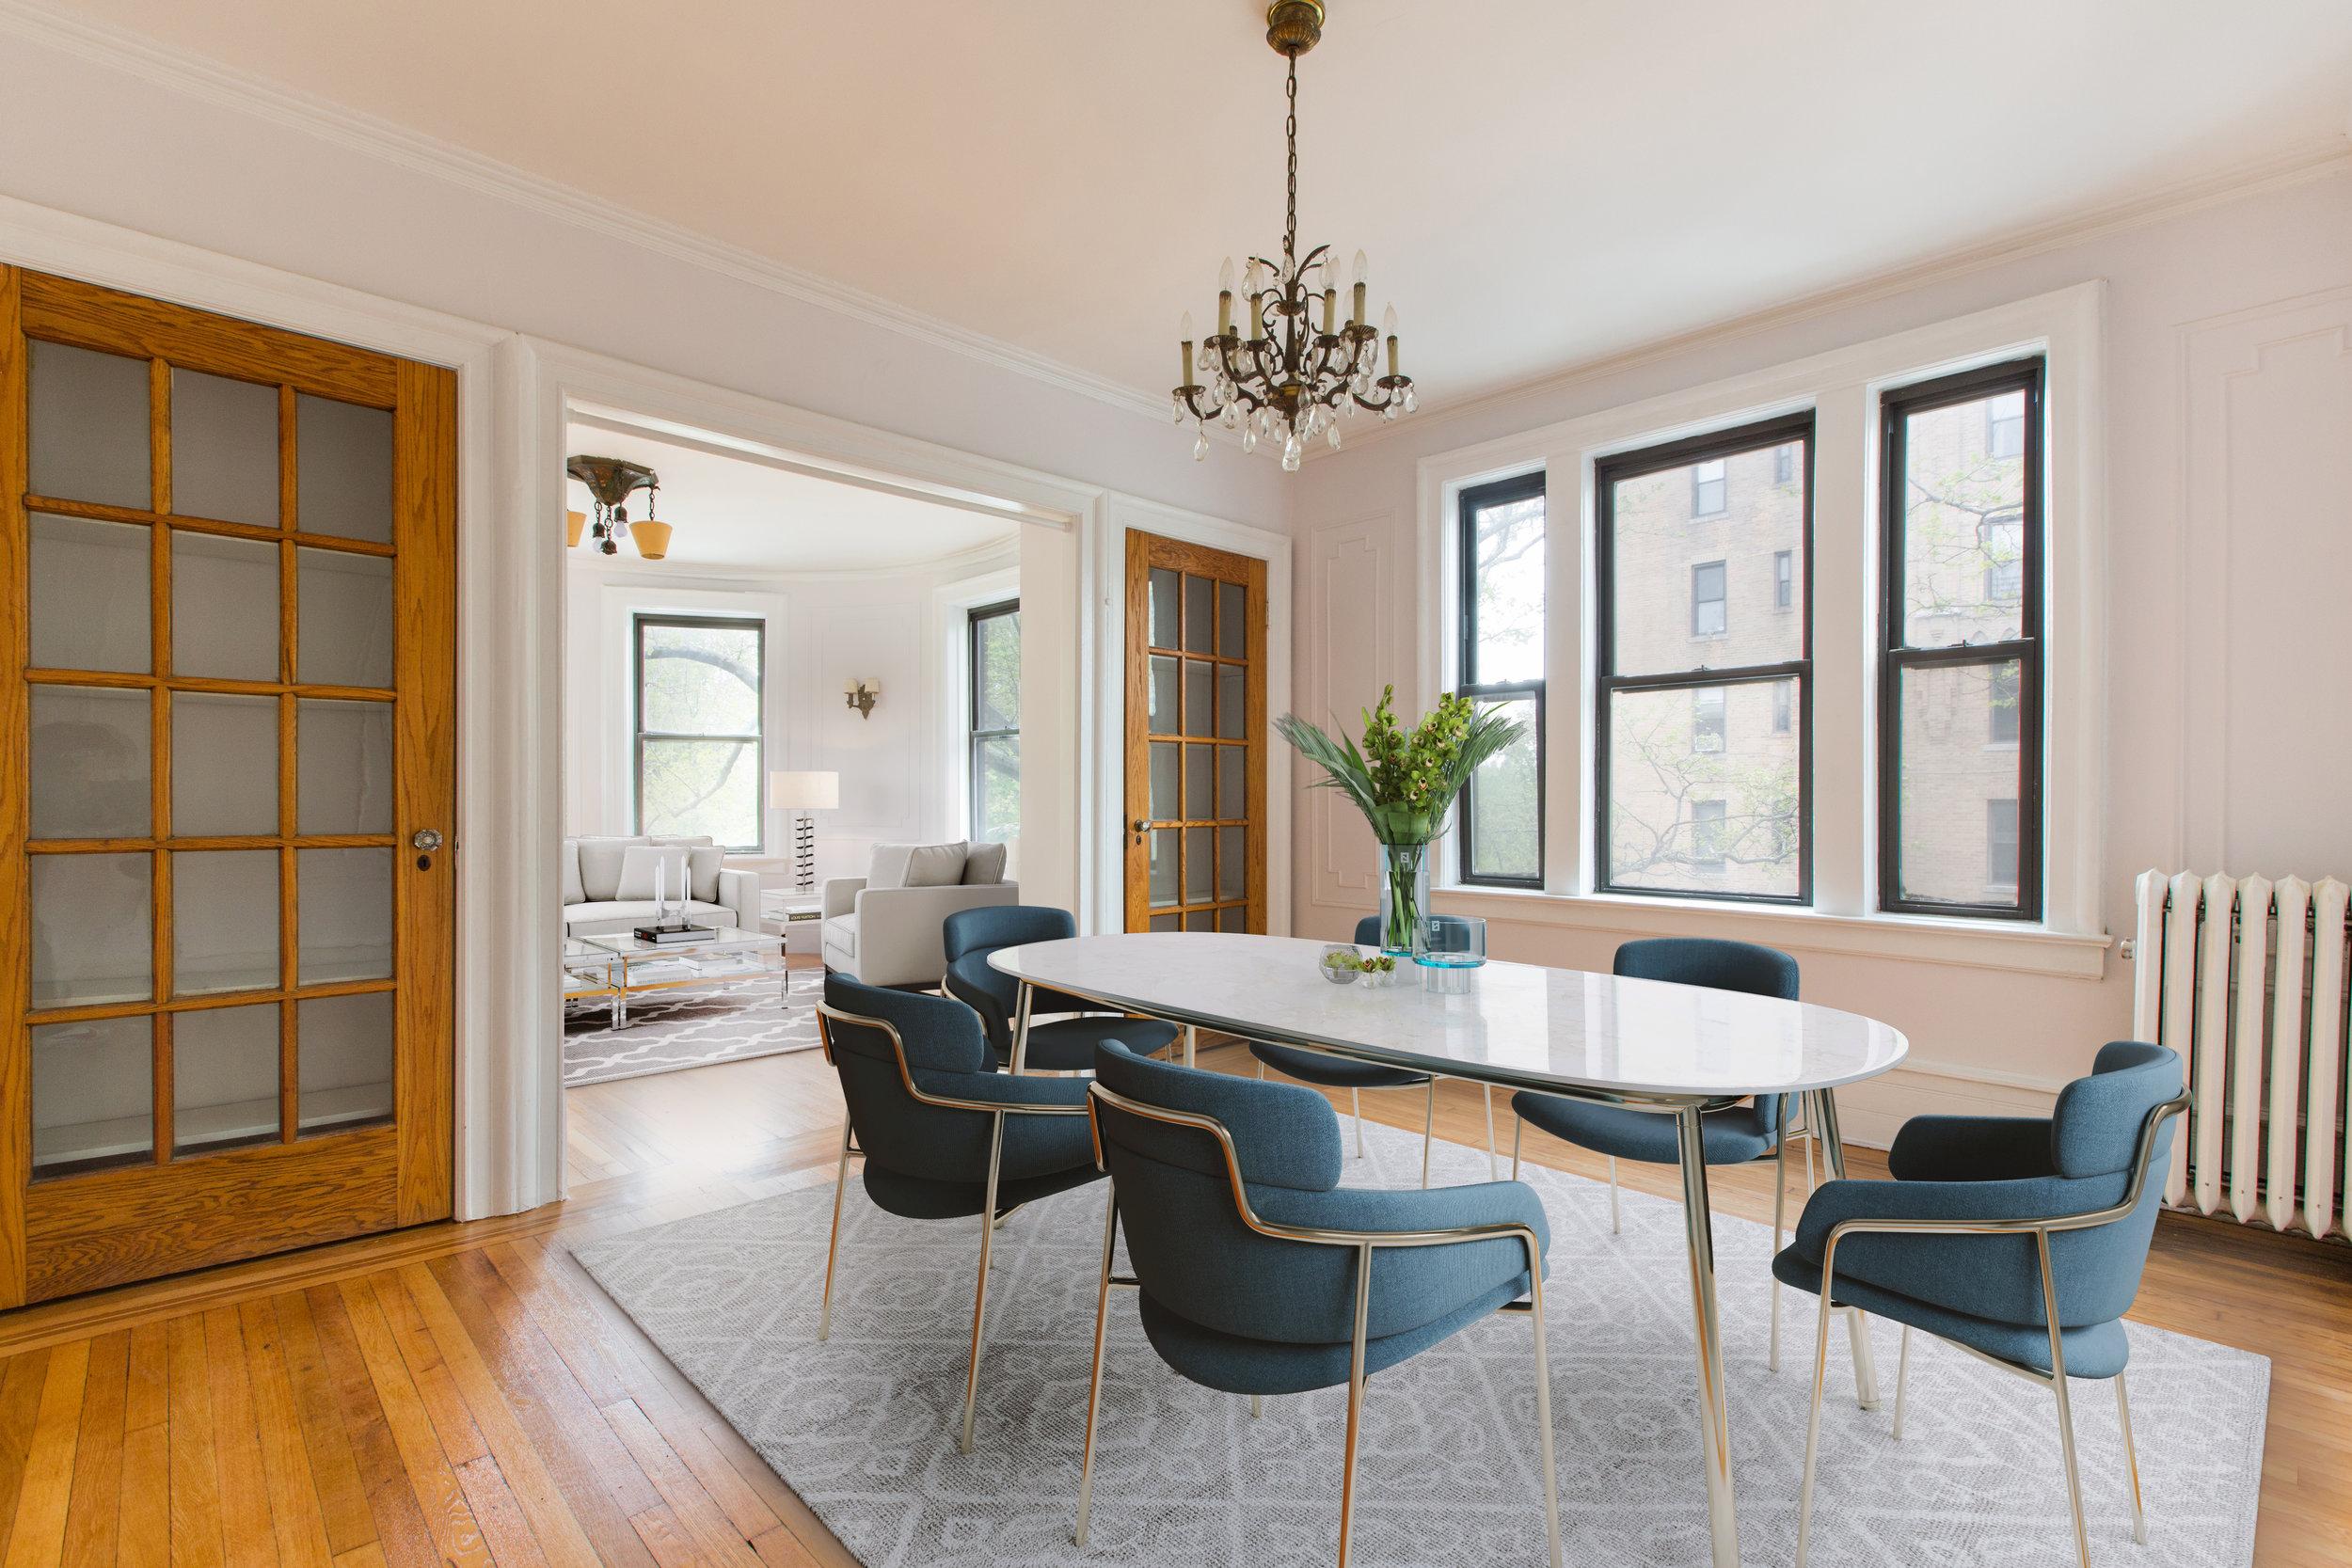 310 WINDSOR PLACE, #28 - $1,275,000 - Windsor Terrace